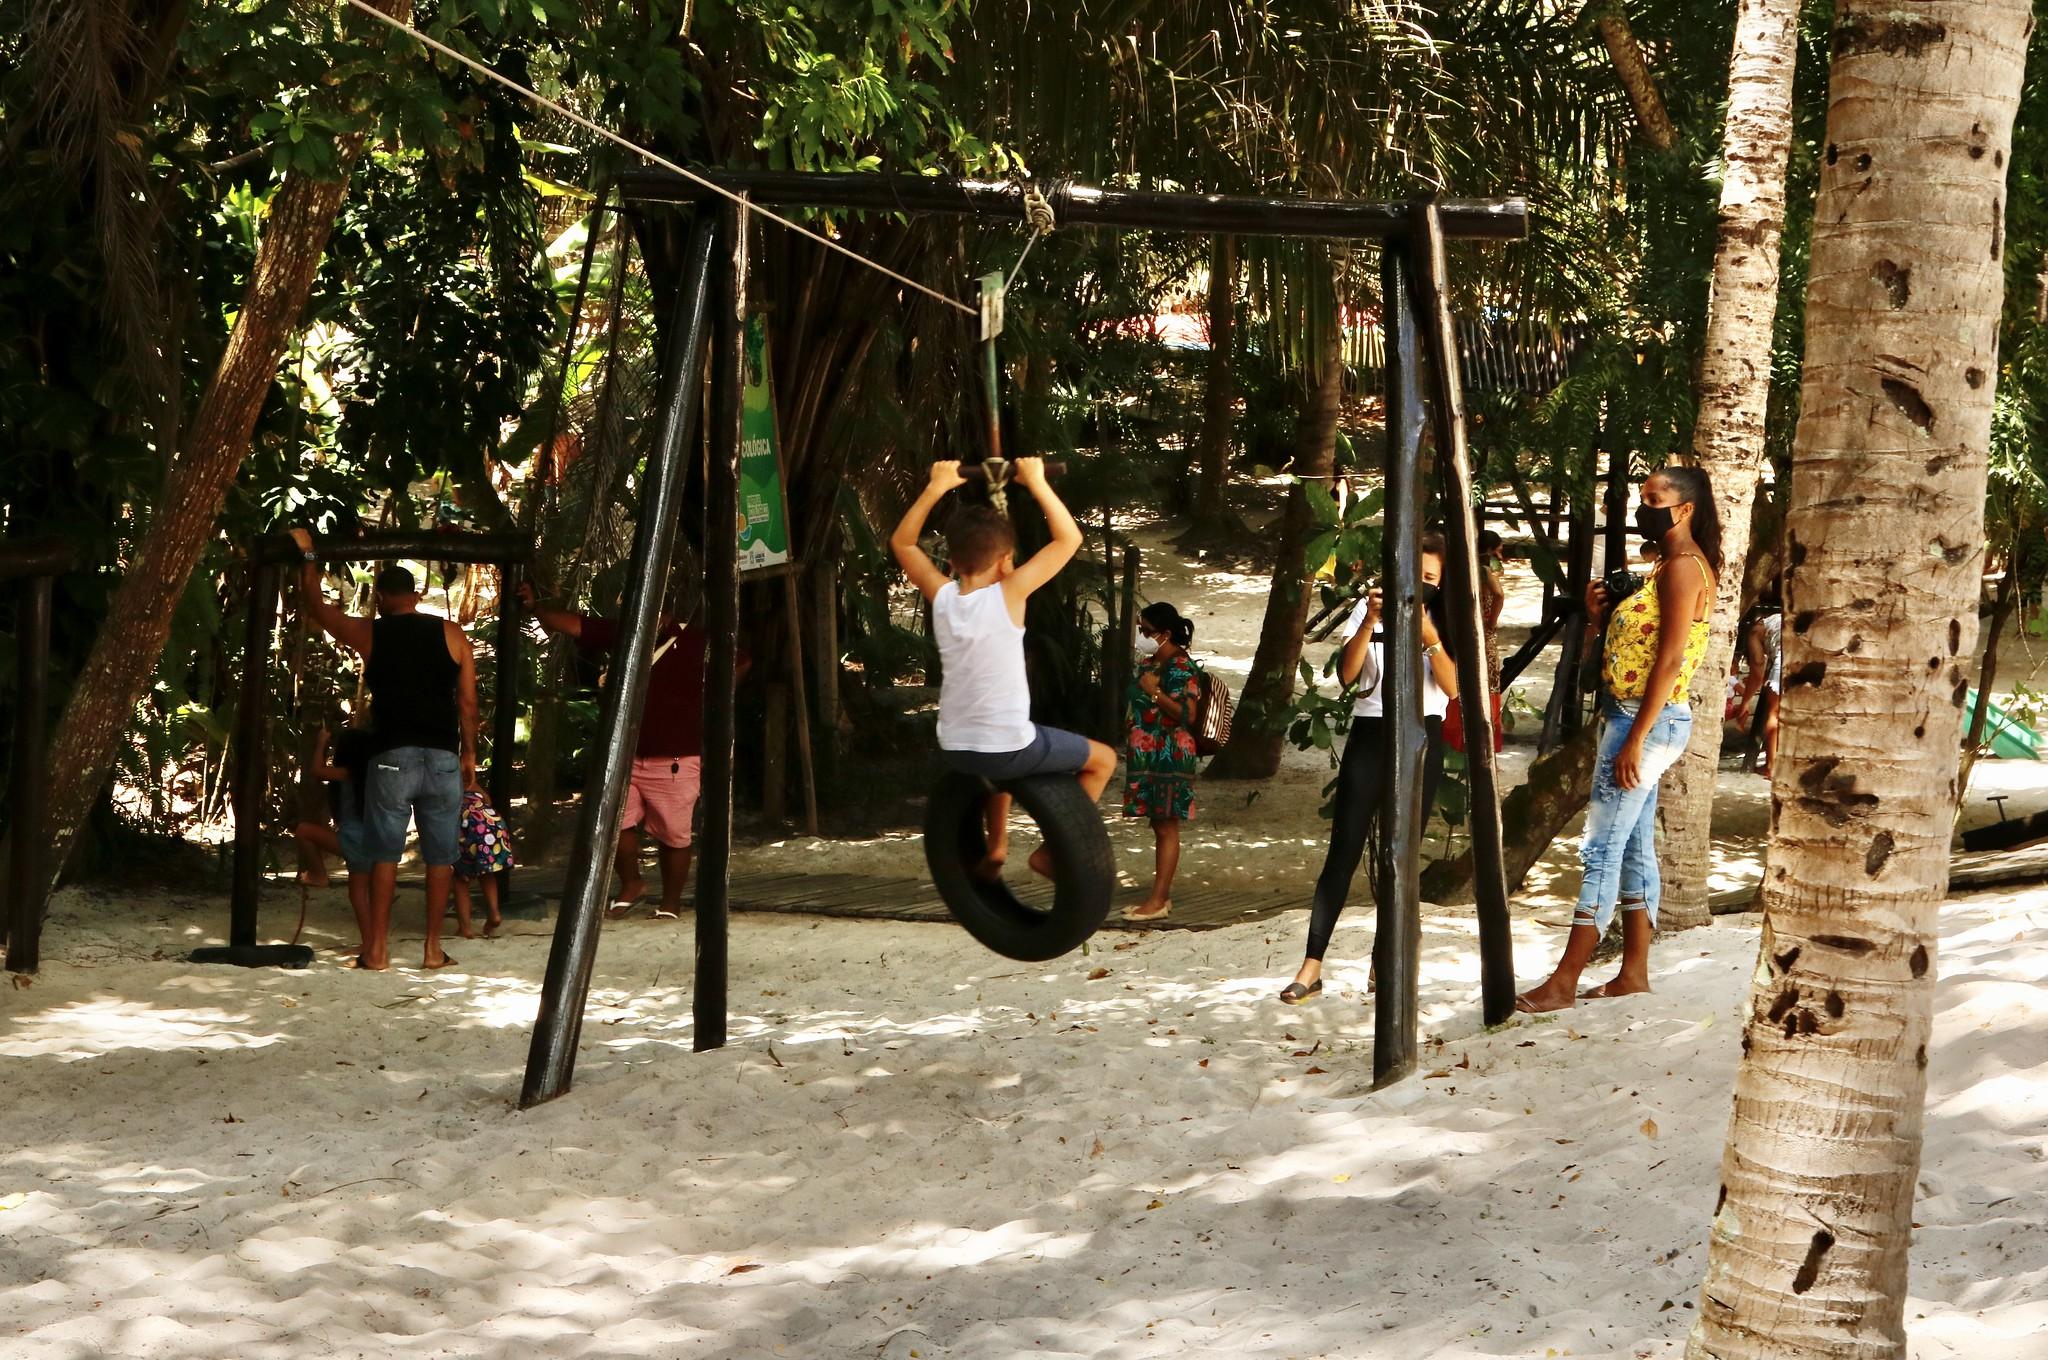 Parque ecológico de Lauro de Freitas já recebeu mais de 1.800 visitantes em três dias de reabertura